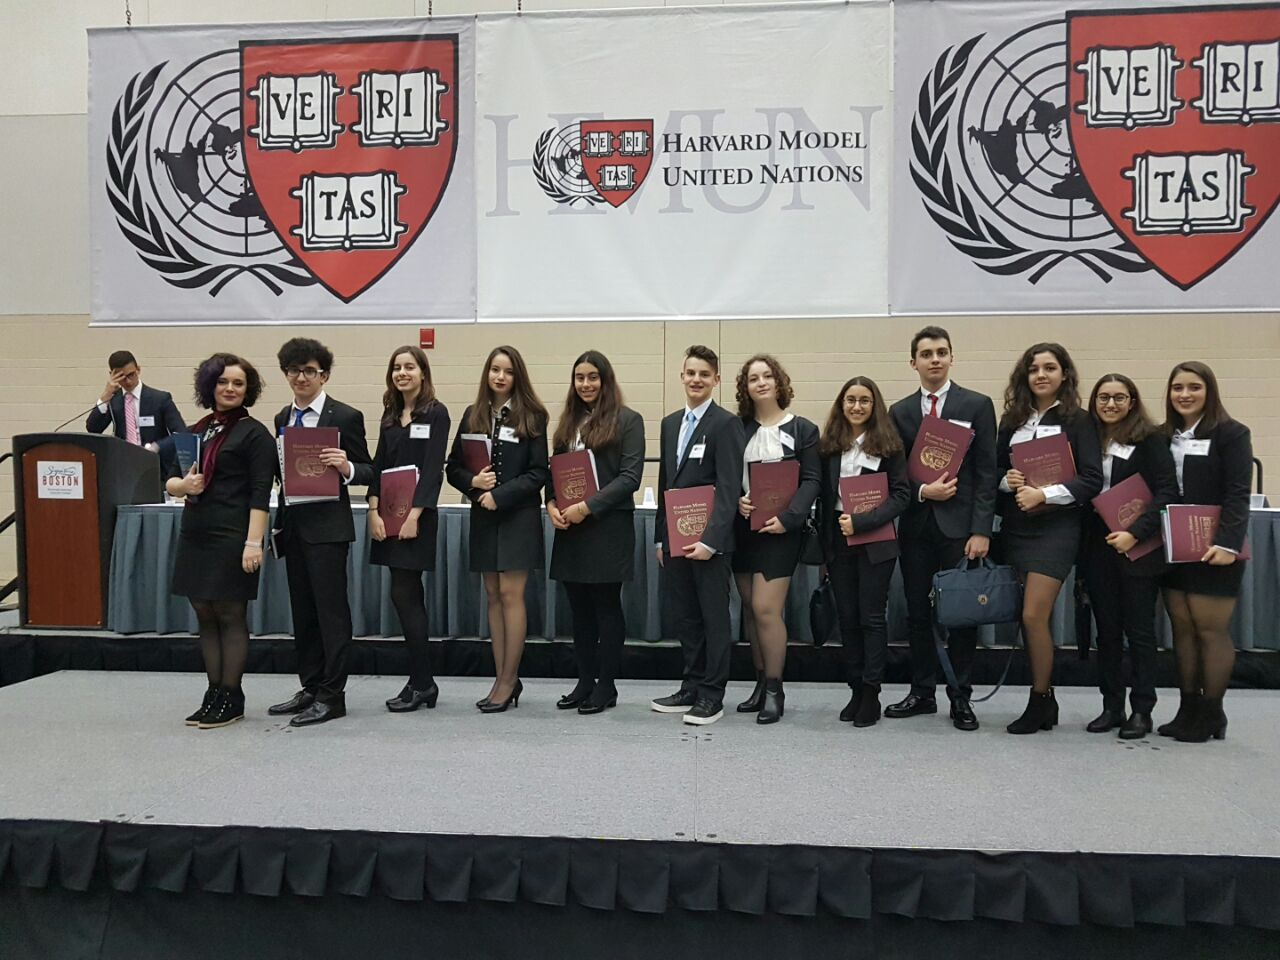 Çevre Lisesi Öğrencileri Harvard MUN (Model Birleşmiş Milletler) Konferansında